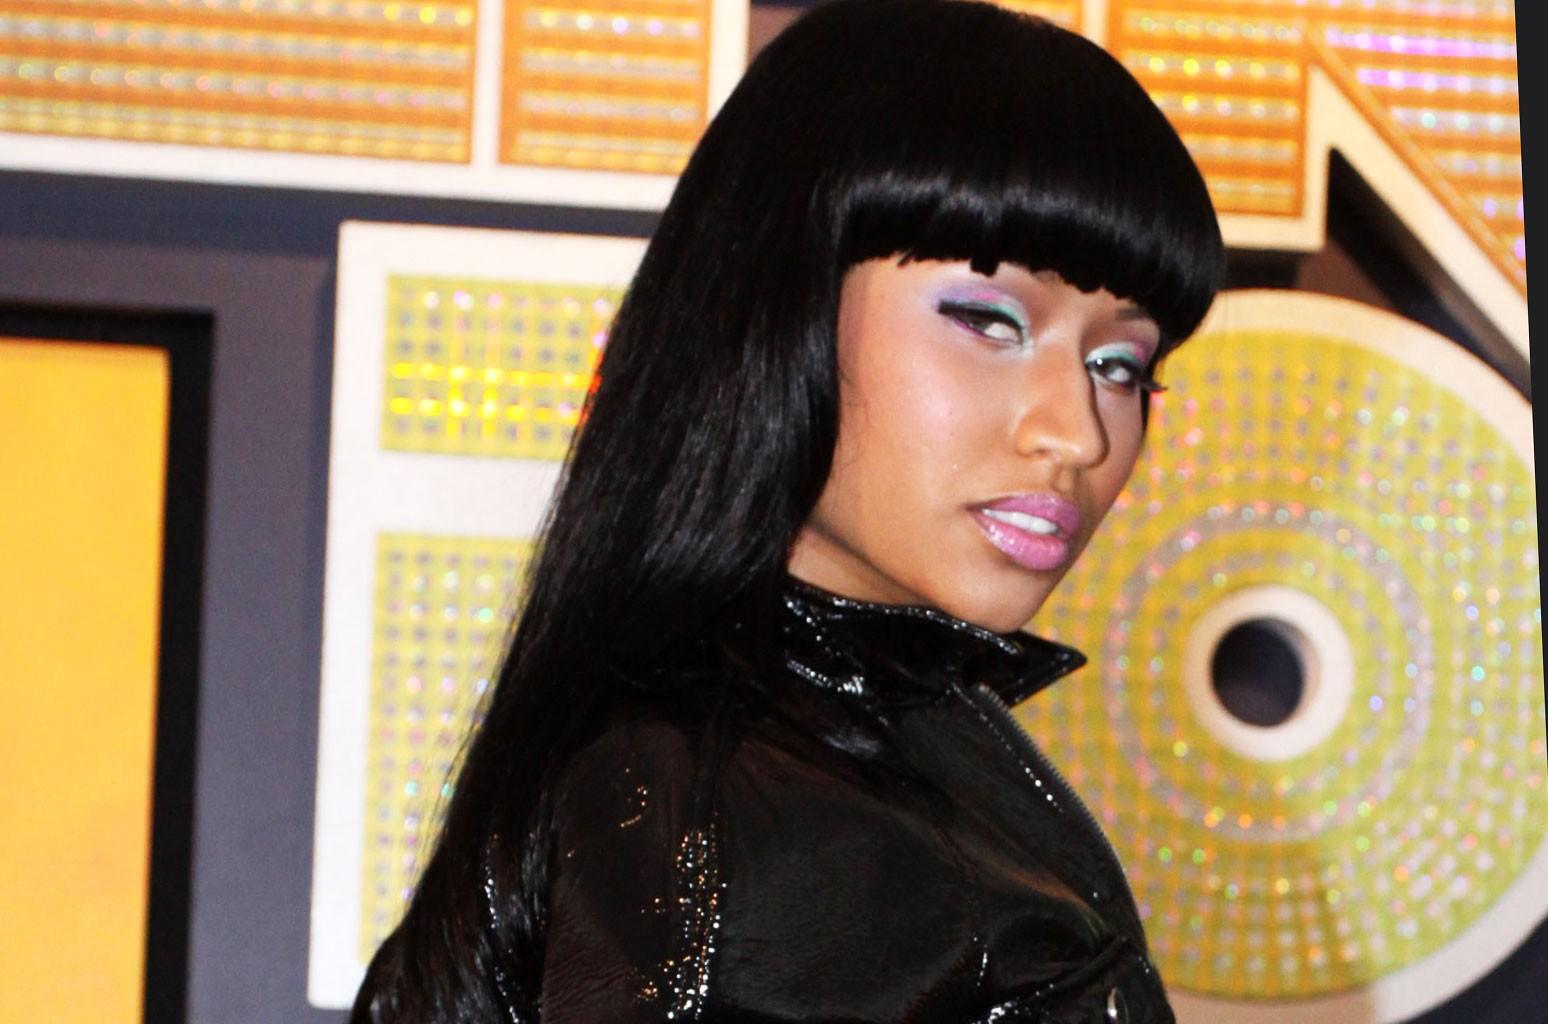 Nicki Minaj Teases a 'Very Very Very Important' Announcement